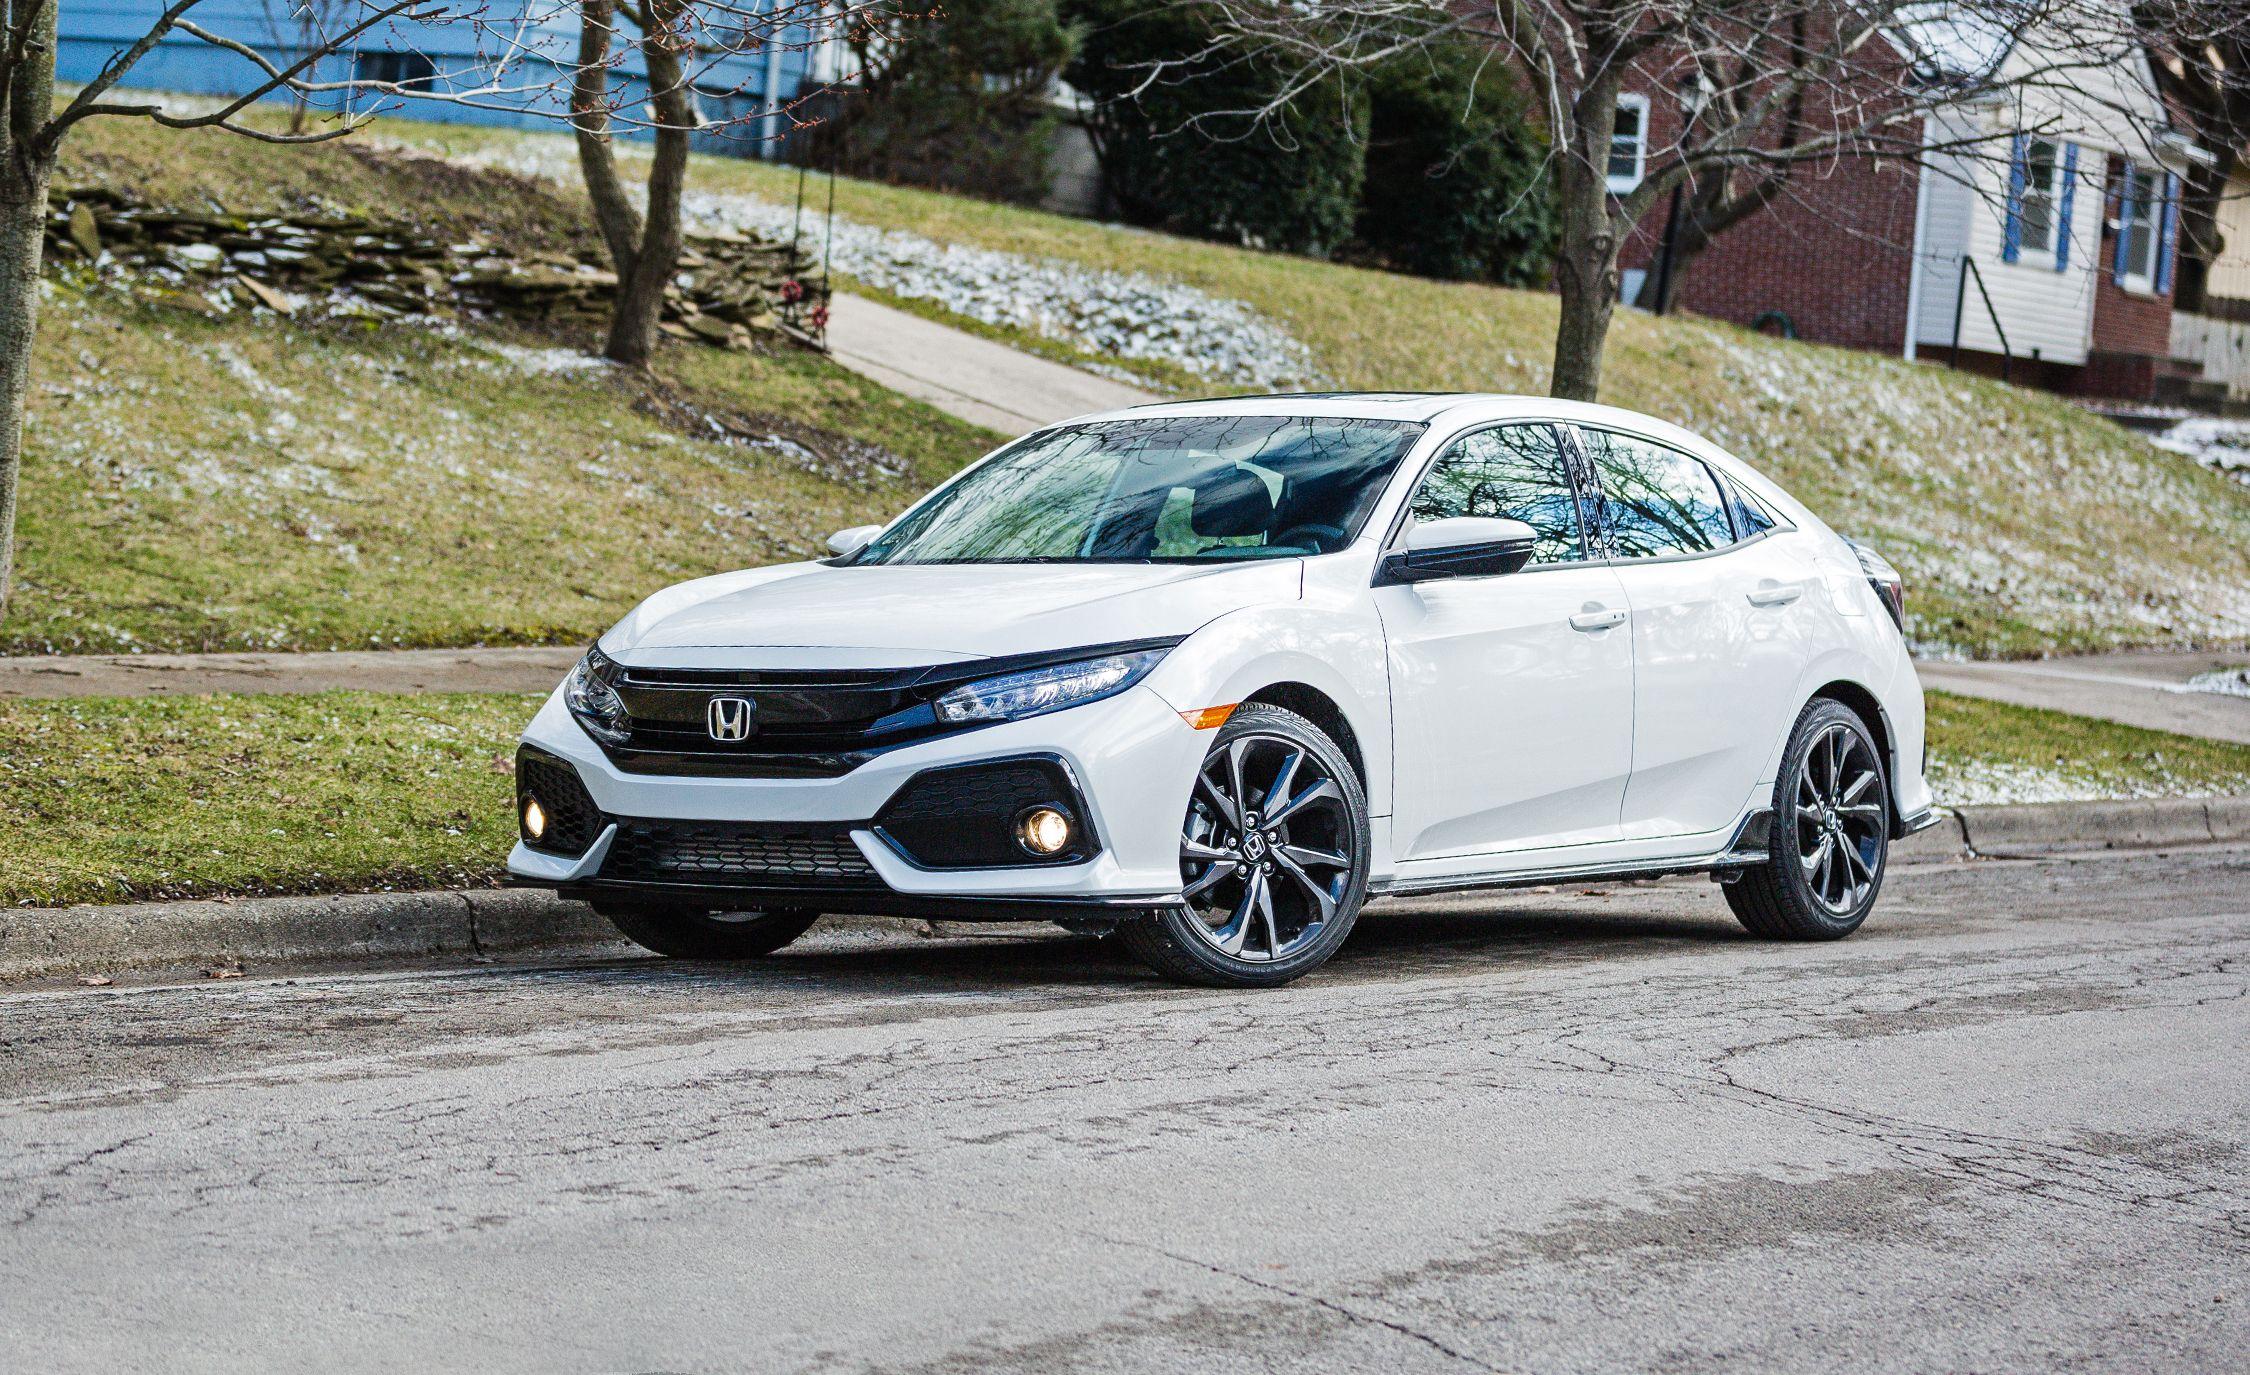 2018 Honda Civic | In-Depth Model Review | Car and Driver